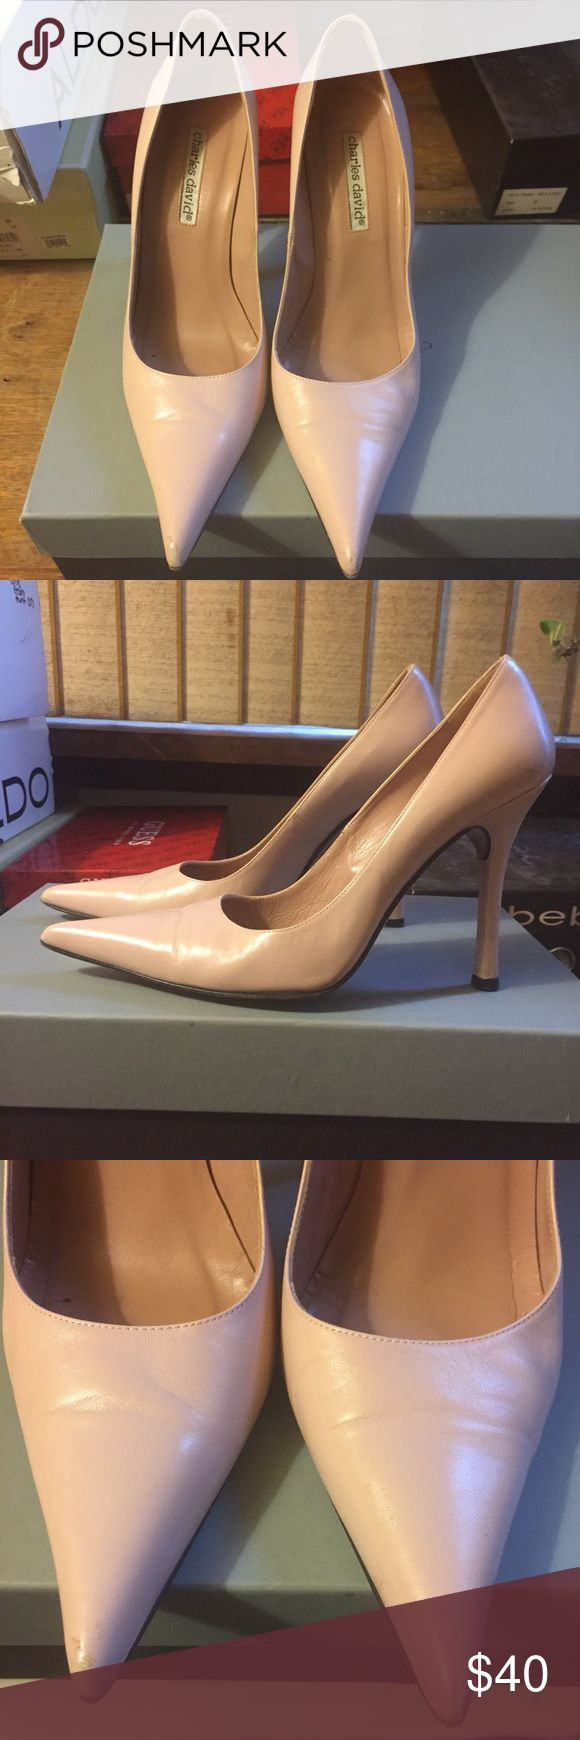 Charles David pumps Light pink Charles David pointy toe pumps Charles David Shoes Heels